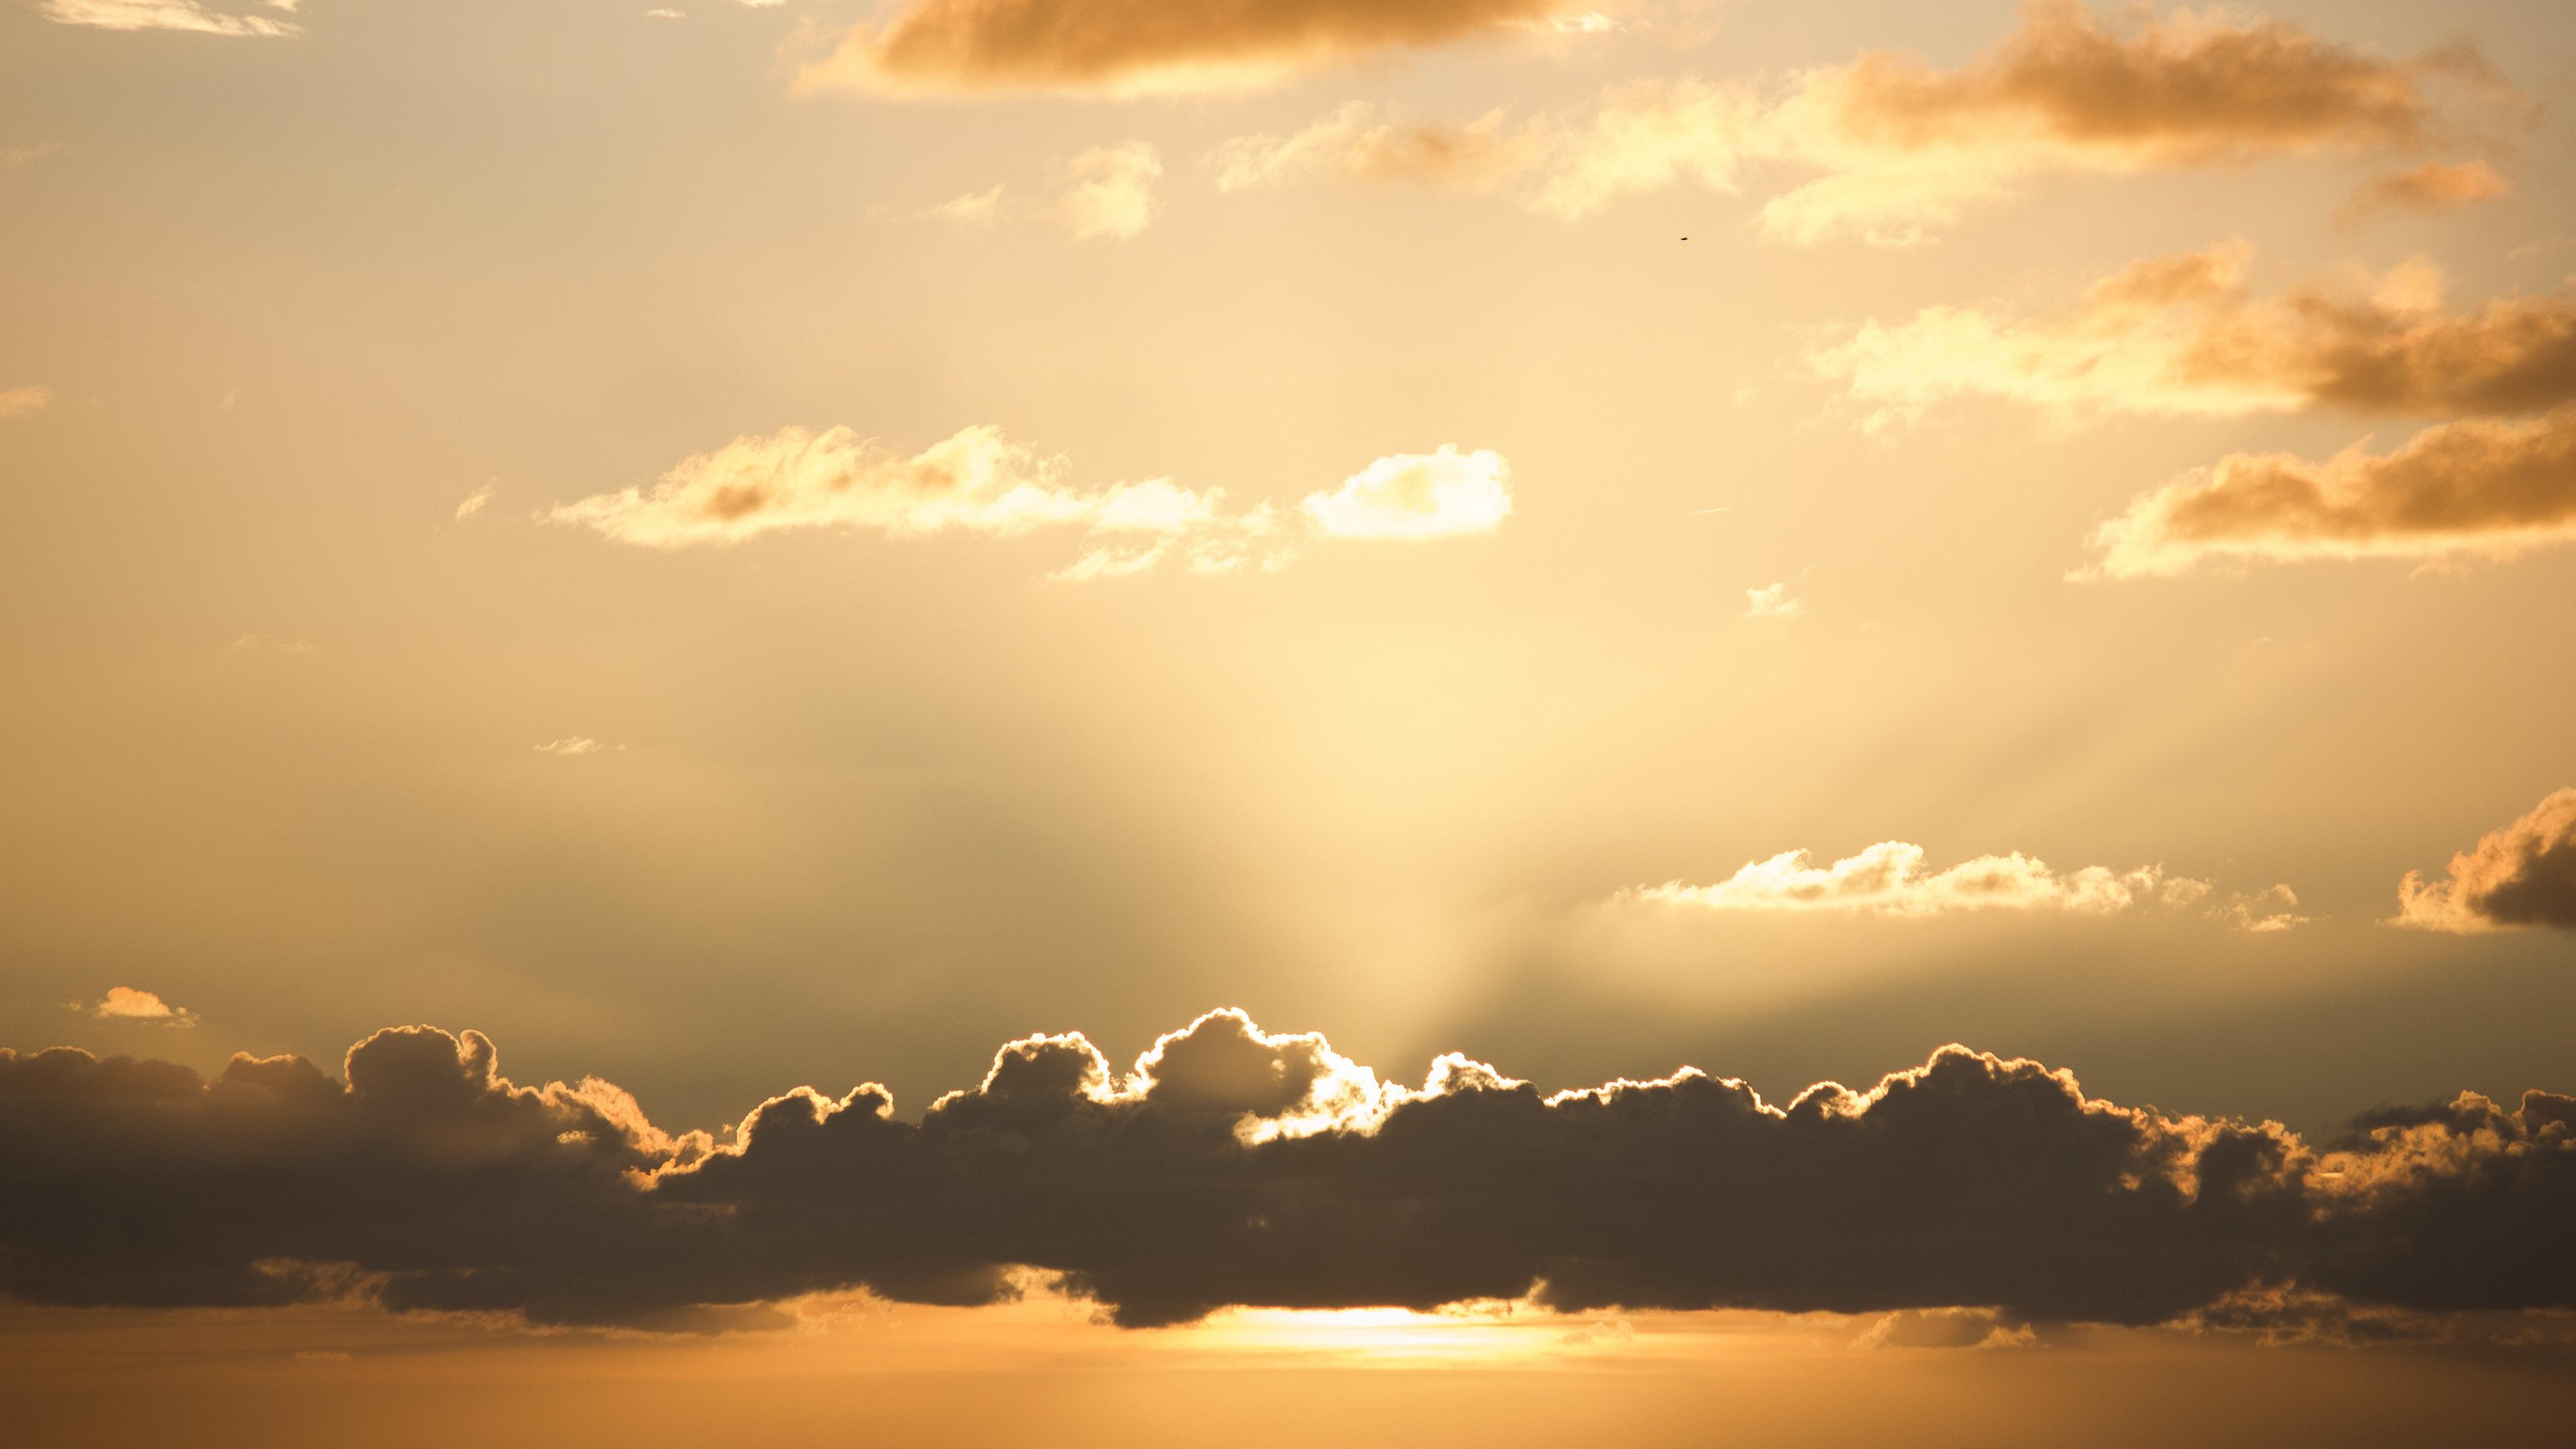 sunset sky clouds sun 4k 1541113990 - sunset, sky, clouds, sun 4k - sunset, Sky, Clouds